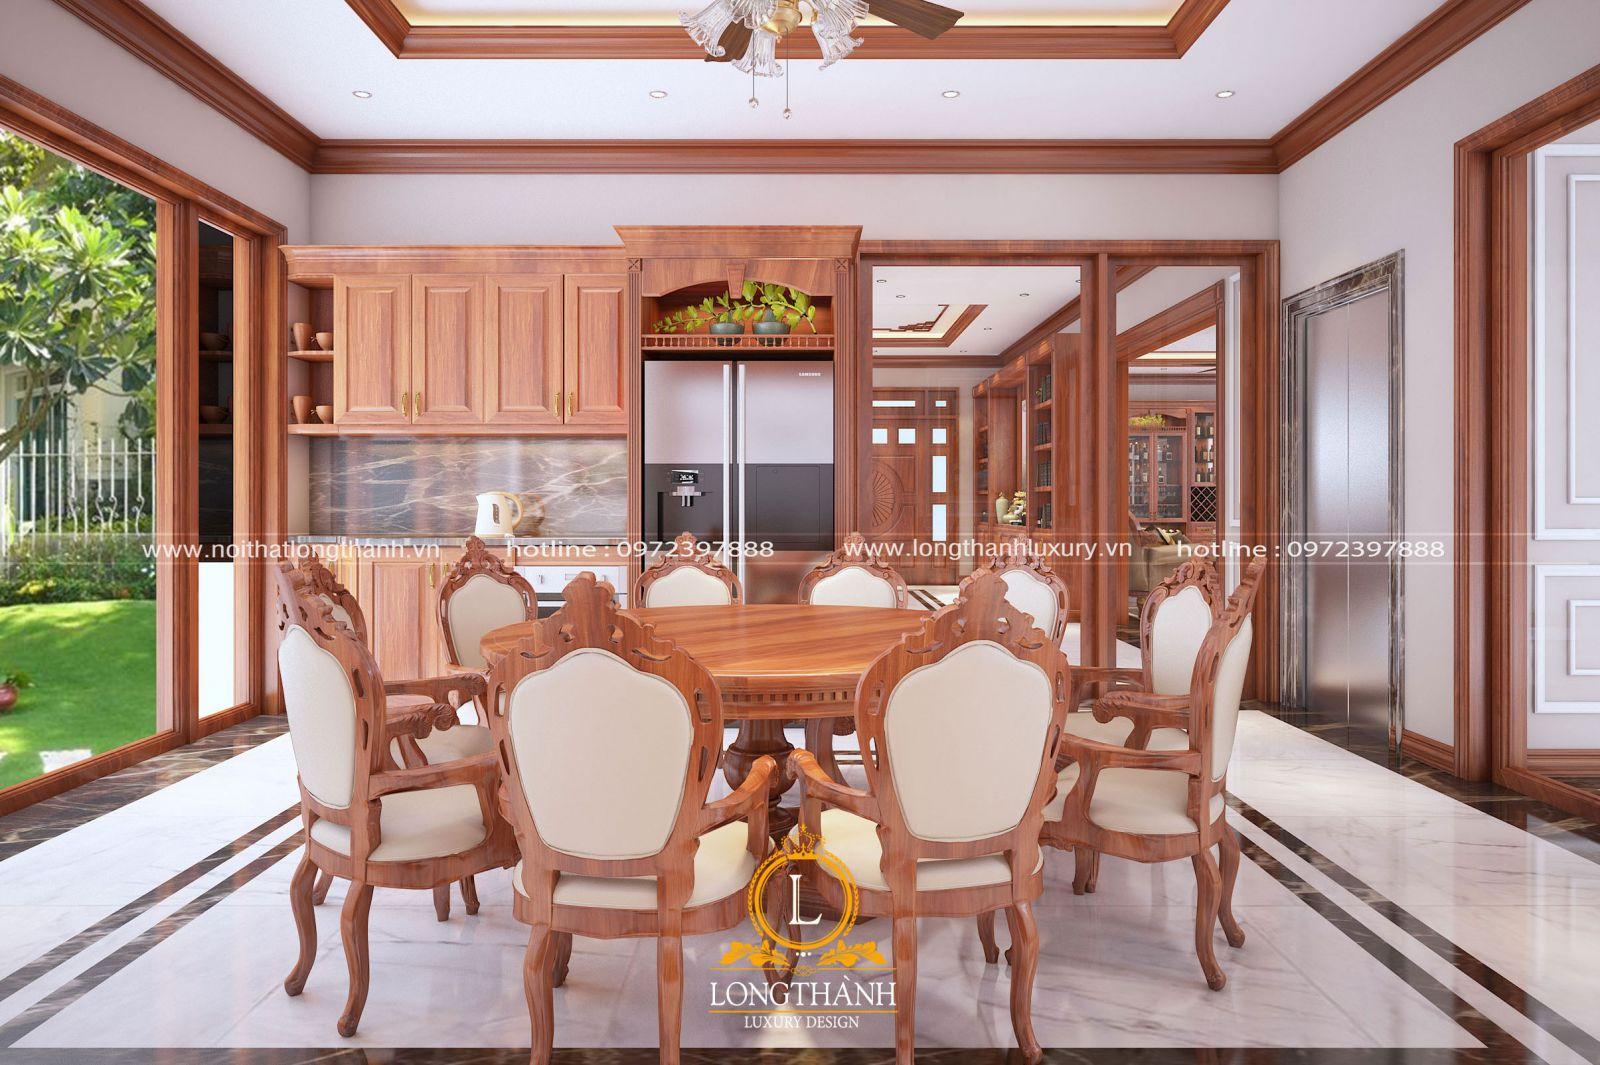 Chất liệu gỗ Gõ làm đồ nội thất luôn mang lại những giá trị khác biệt